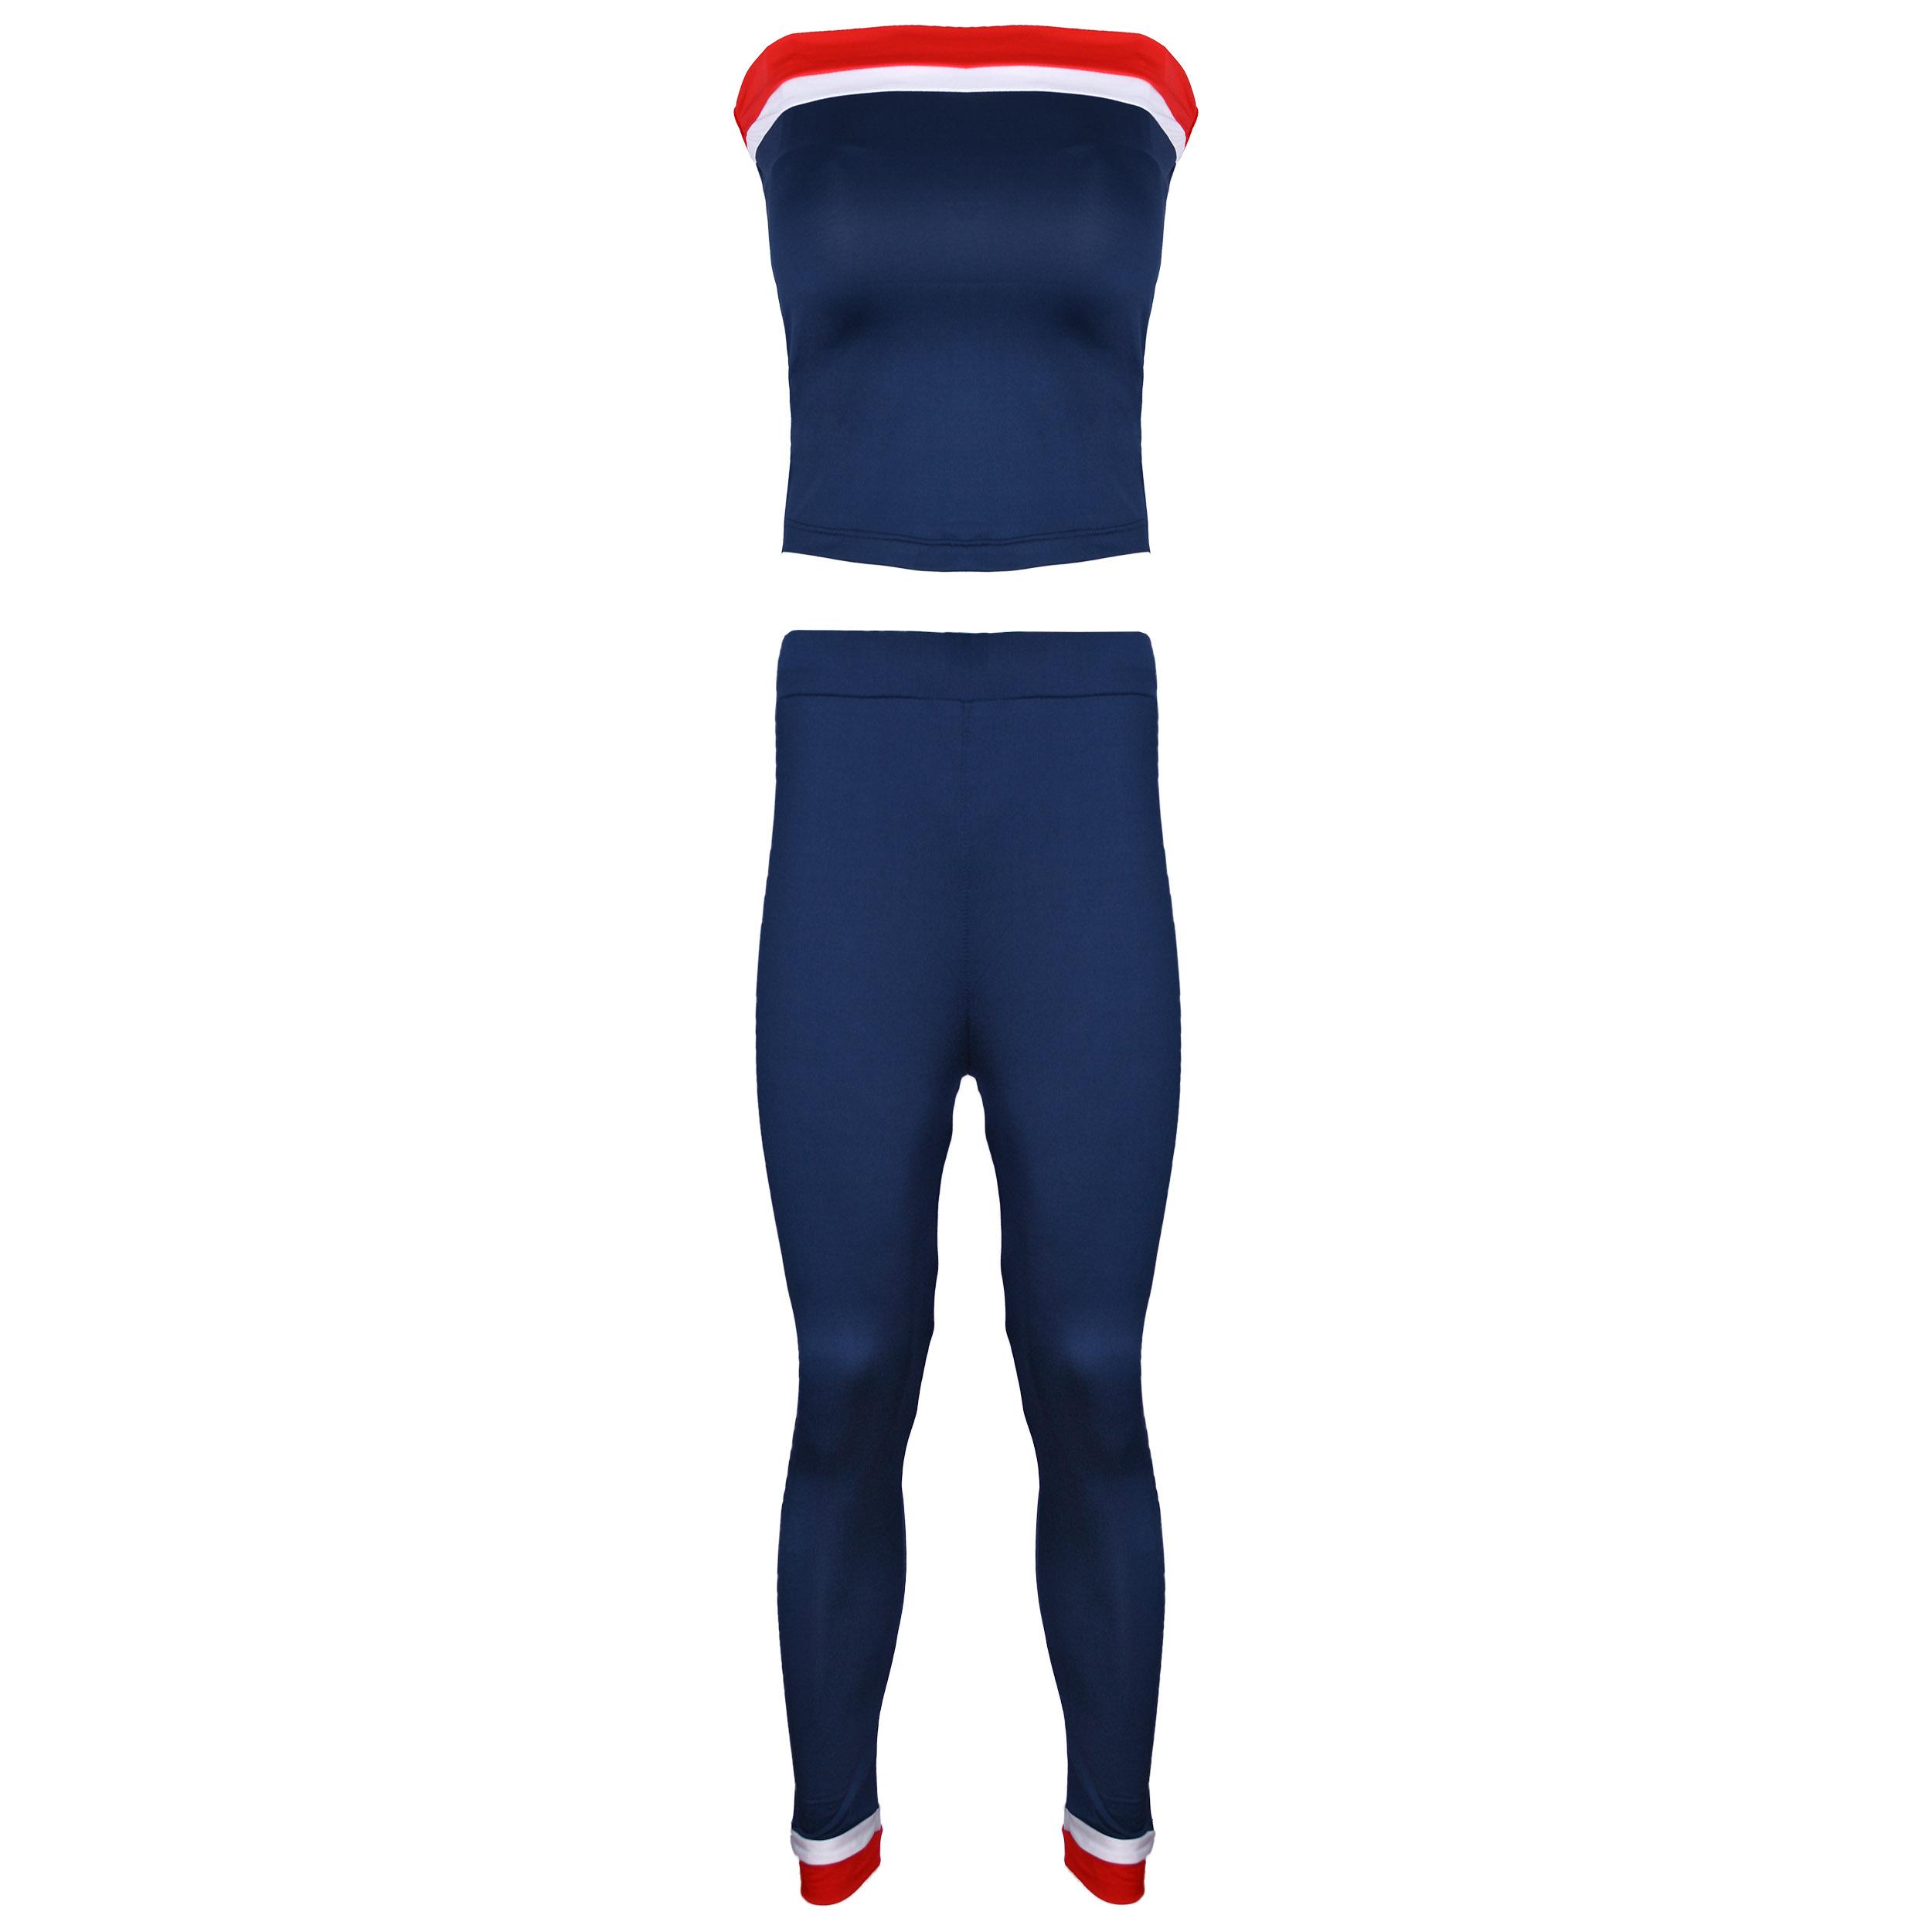 ست نیم تنه و شلوار ورزشی زنانه کد TSH-5 رنگ سرمه ای